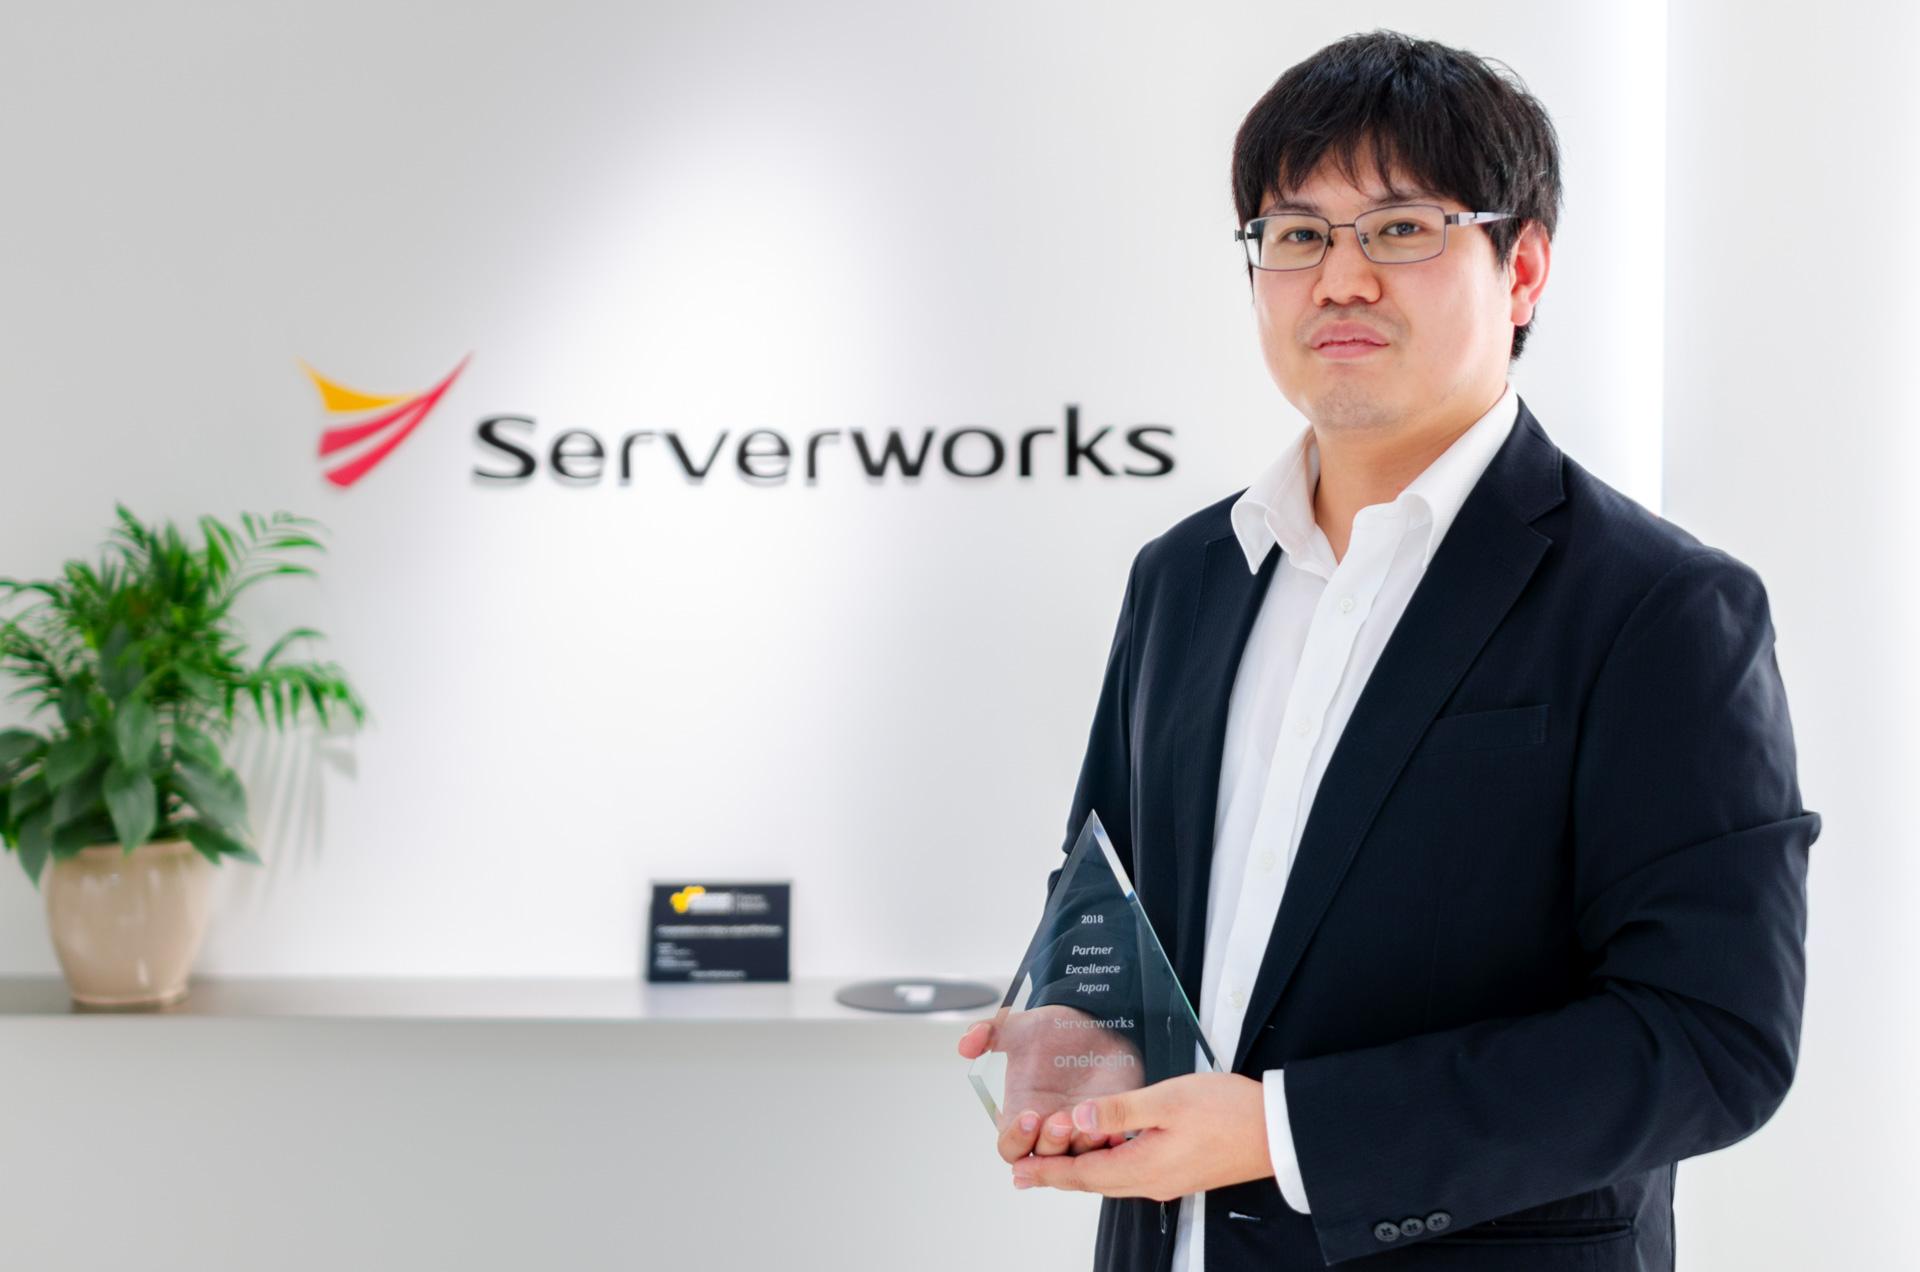 サーバーワークス、OneLogin社より 「Partner Excellence」を受賞